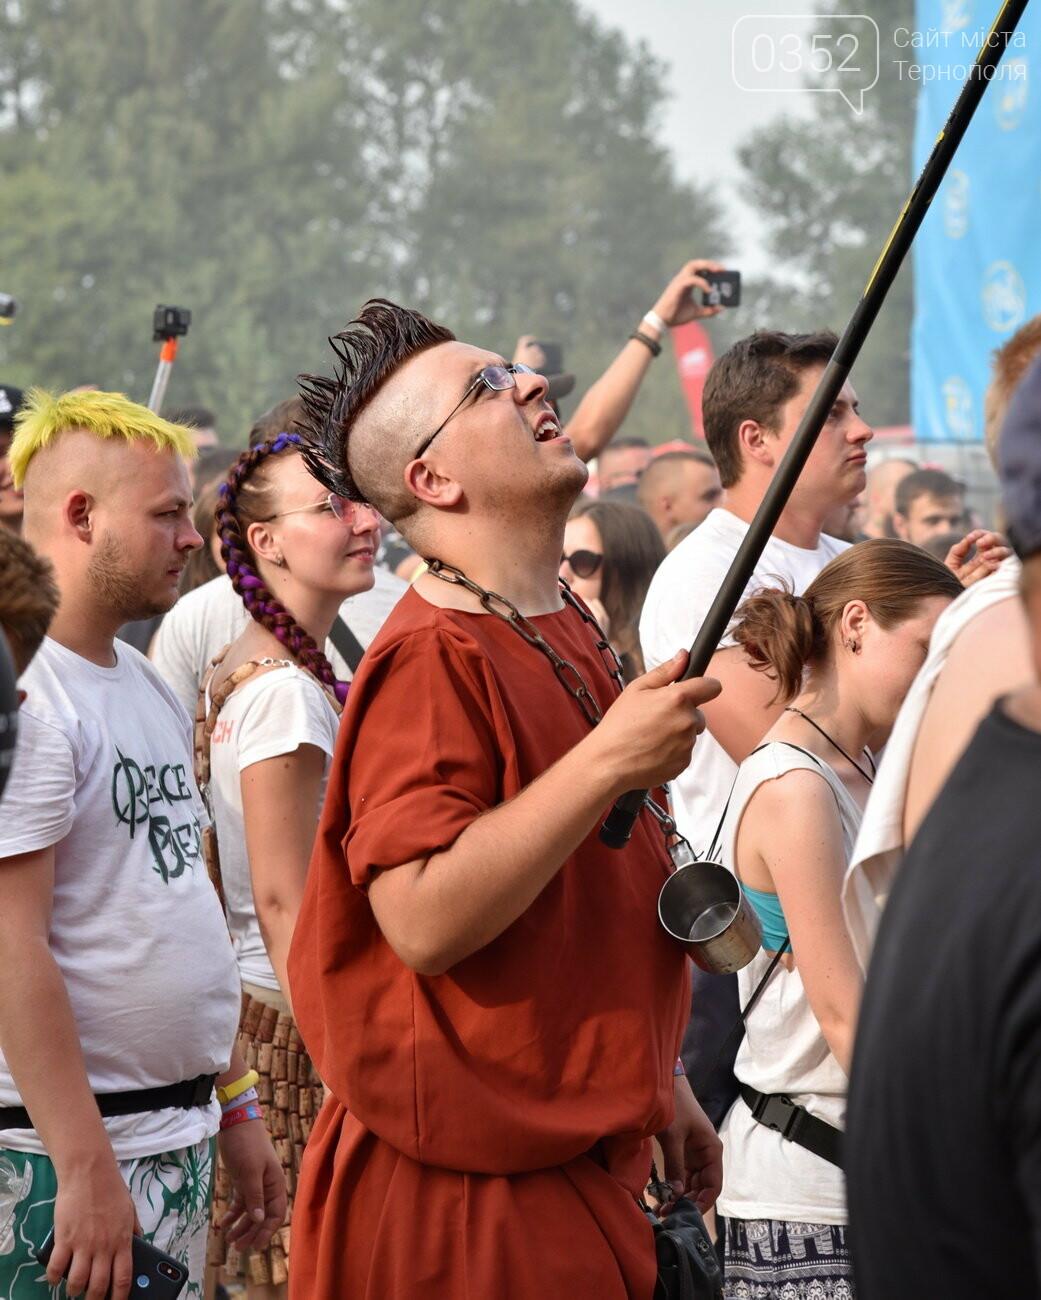 """Драйв і безтурботність: що робиться на фестивалі """"Файне місто"""" (масштабний фоторепортаж), фото-21"""